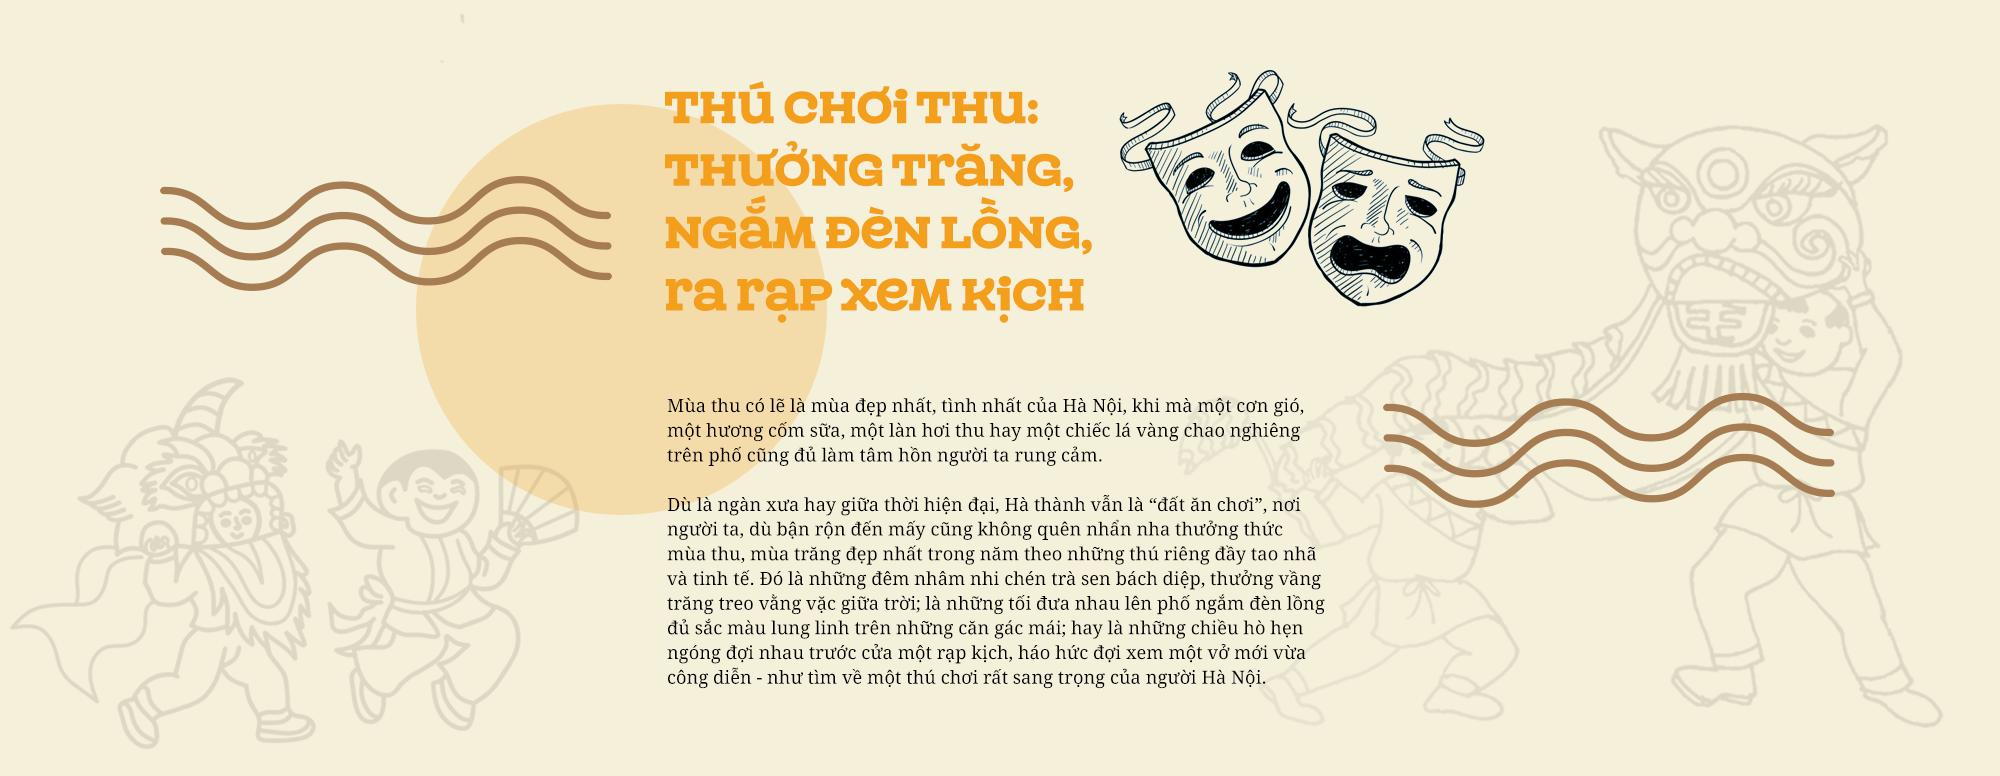 Thu Hà Nội: Kể chuyện cũ, nhớ người xưa - Ảnh 6.